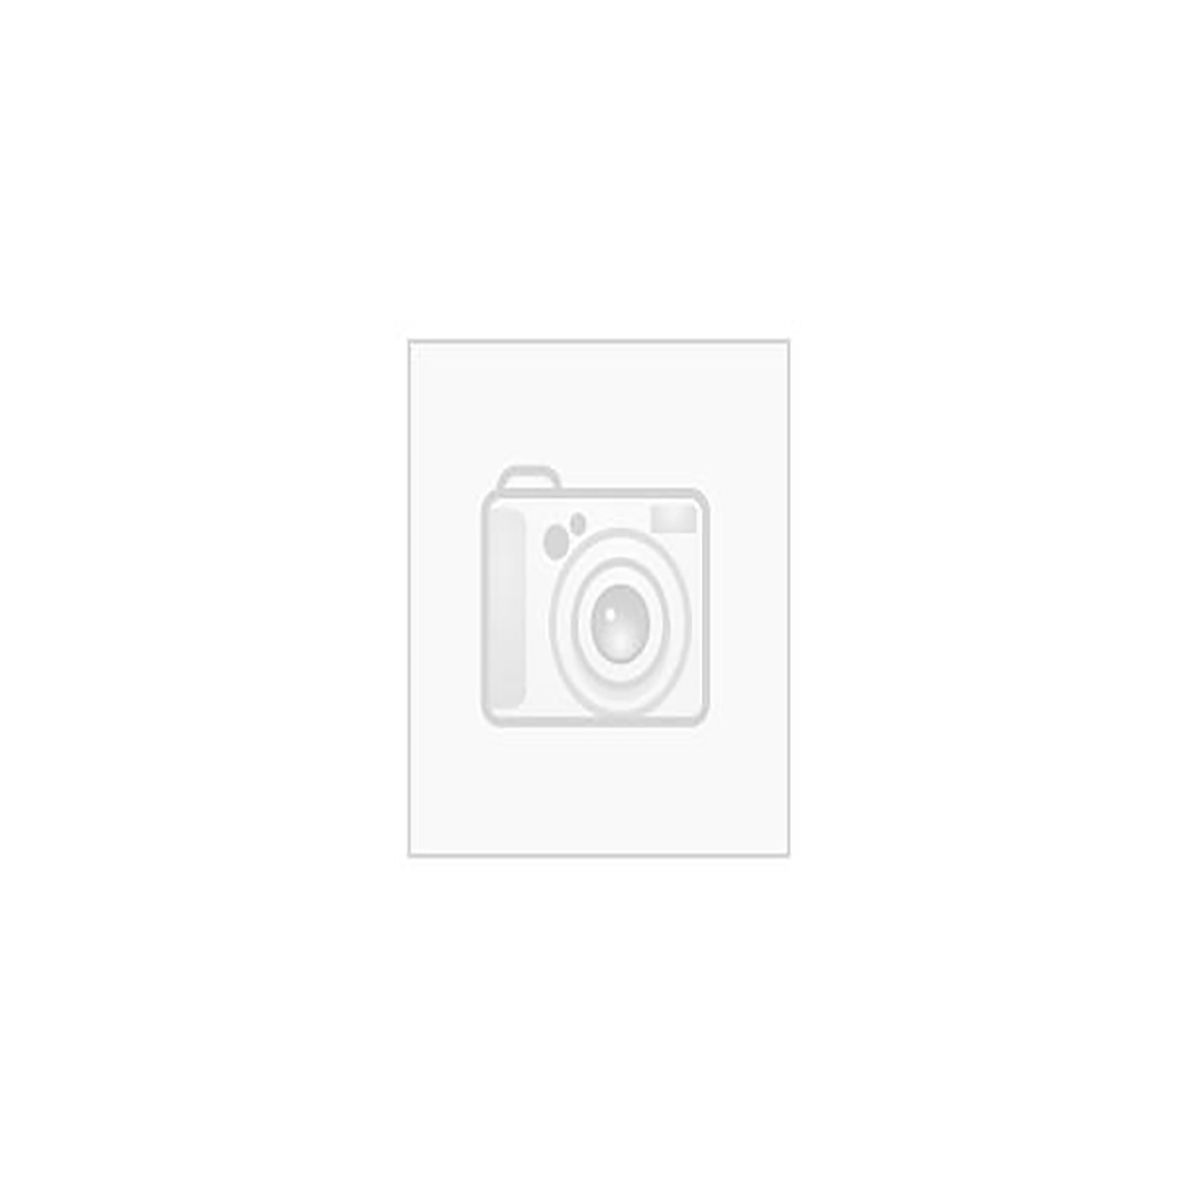 Sanipex Plastklammer dobbel 16 mm